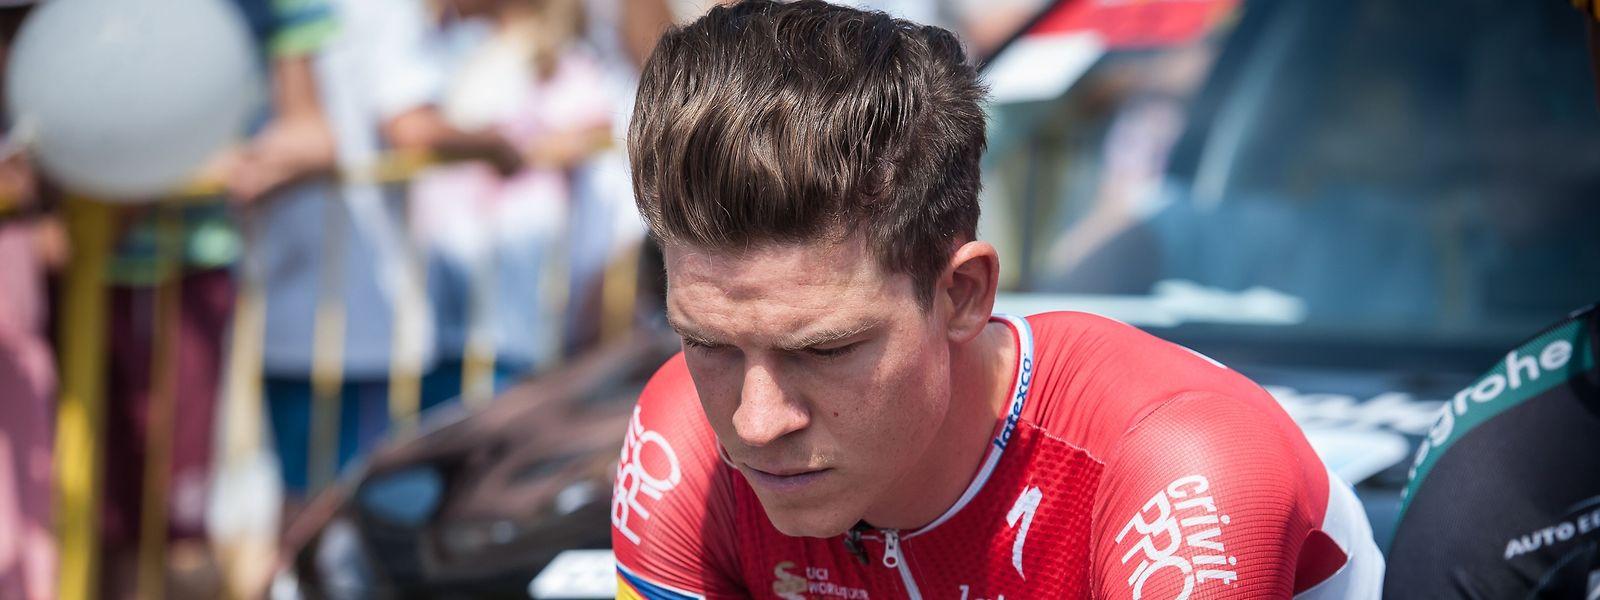 Le jeune espoir du cyclisme luxembourgeois souffre d'endofibrose et pourrait être opéré prochainement.